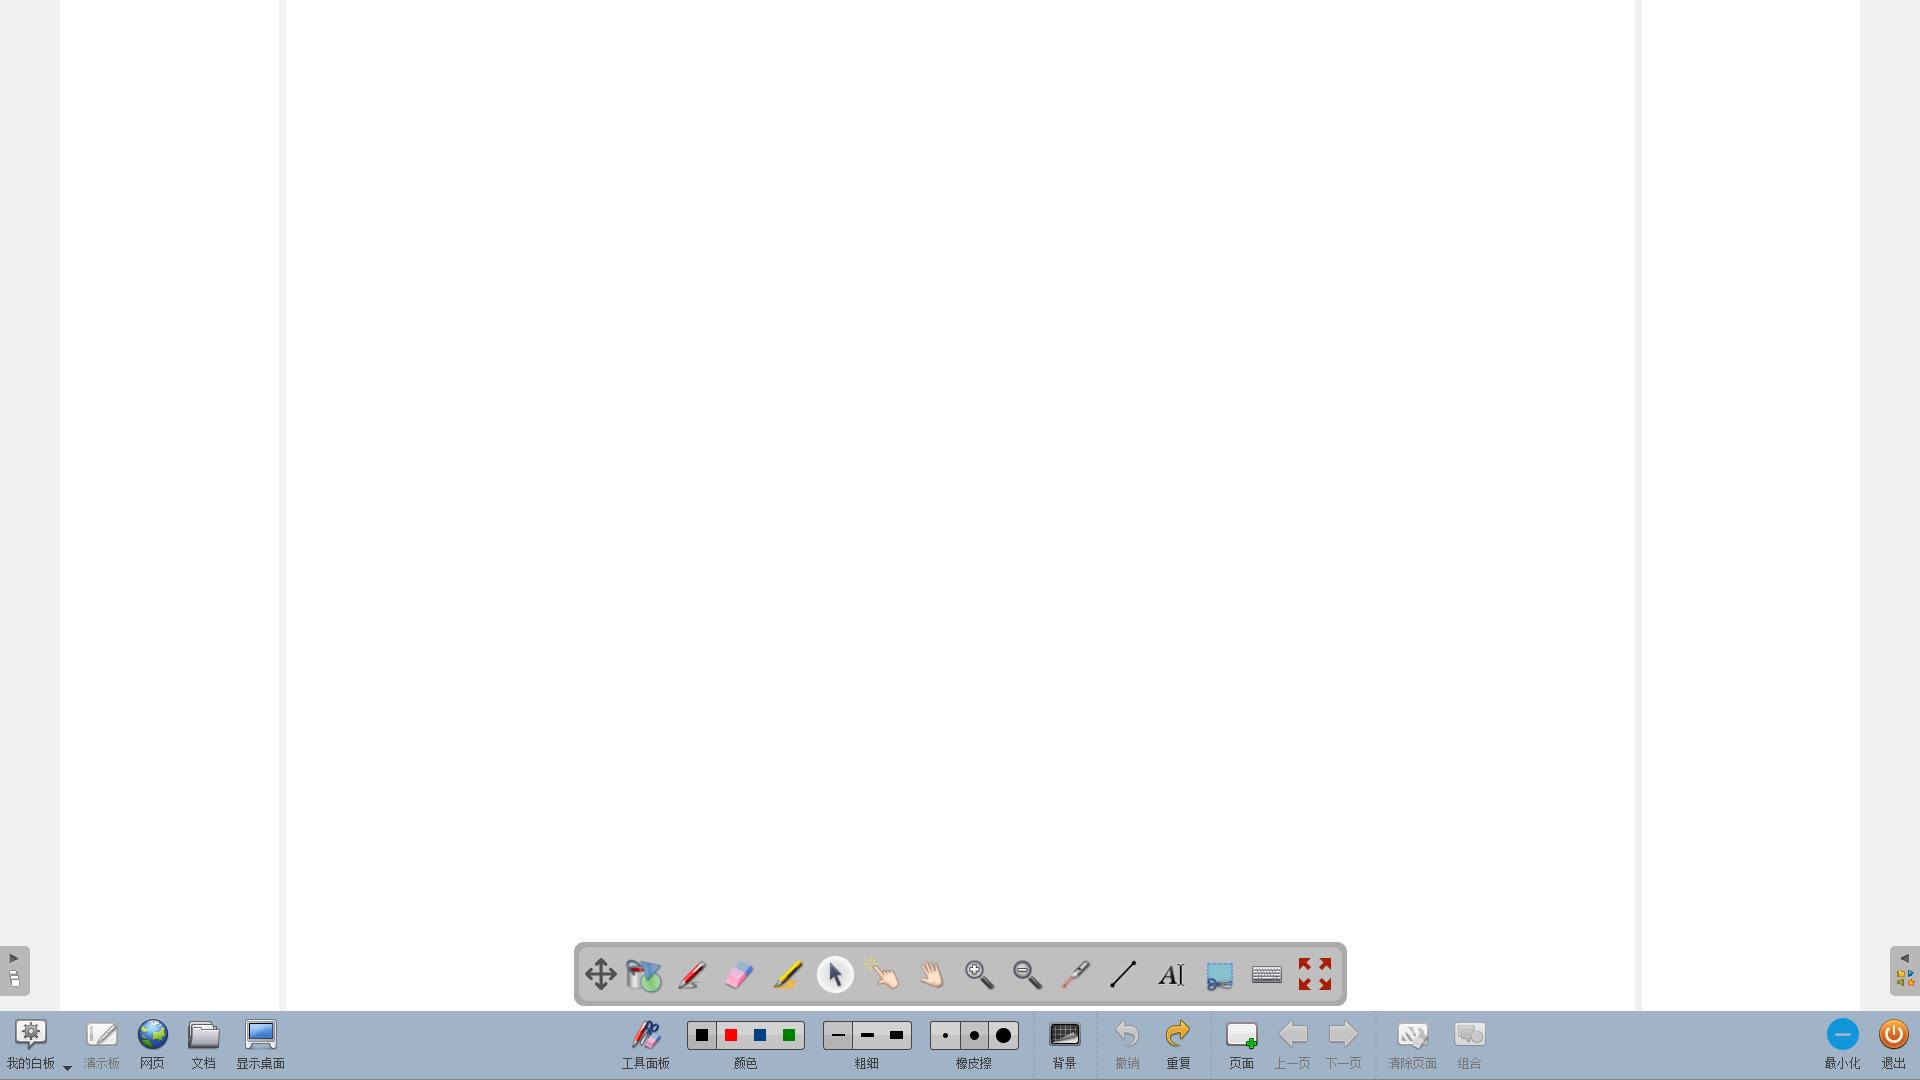 和安电子白板软件—免费版截图2